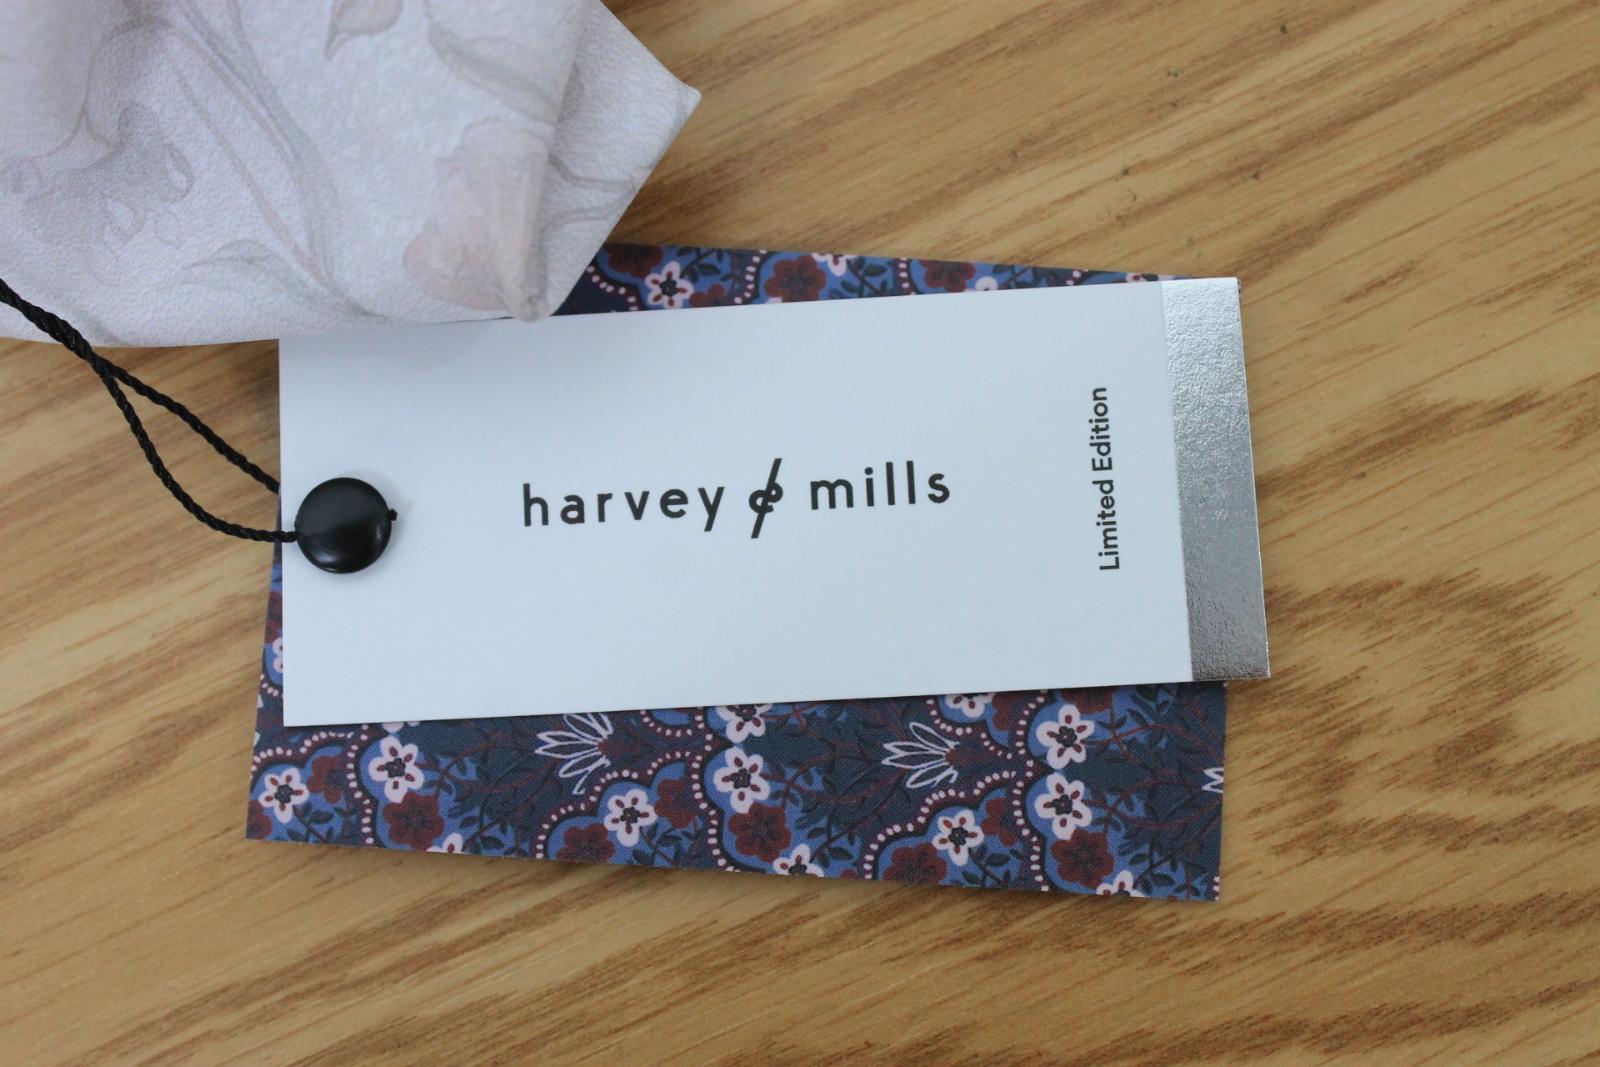 HARVEY & MILLS Ladies Secret Garden Pink & Nude Leggings Size M UK10-12 NEW 4